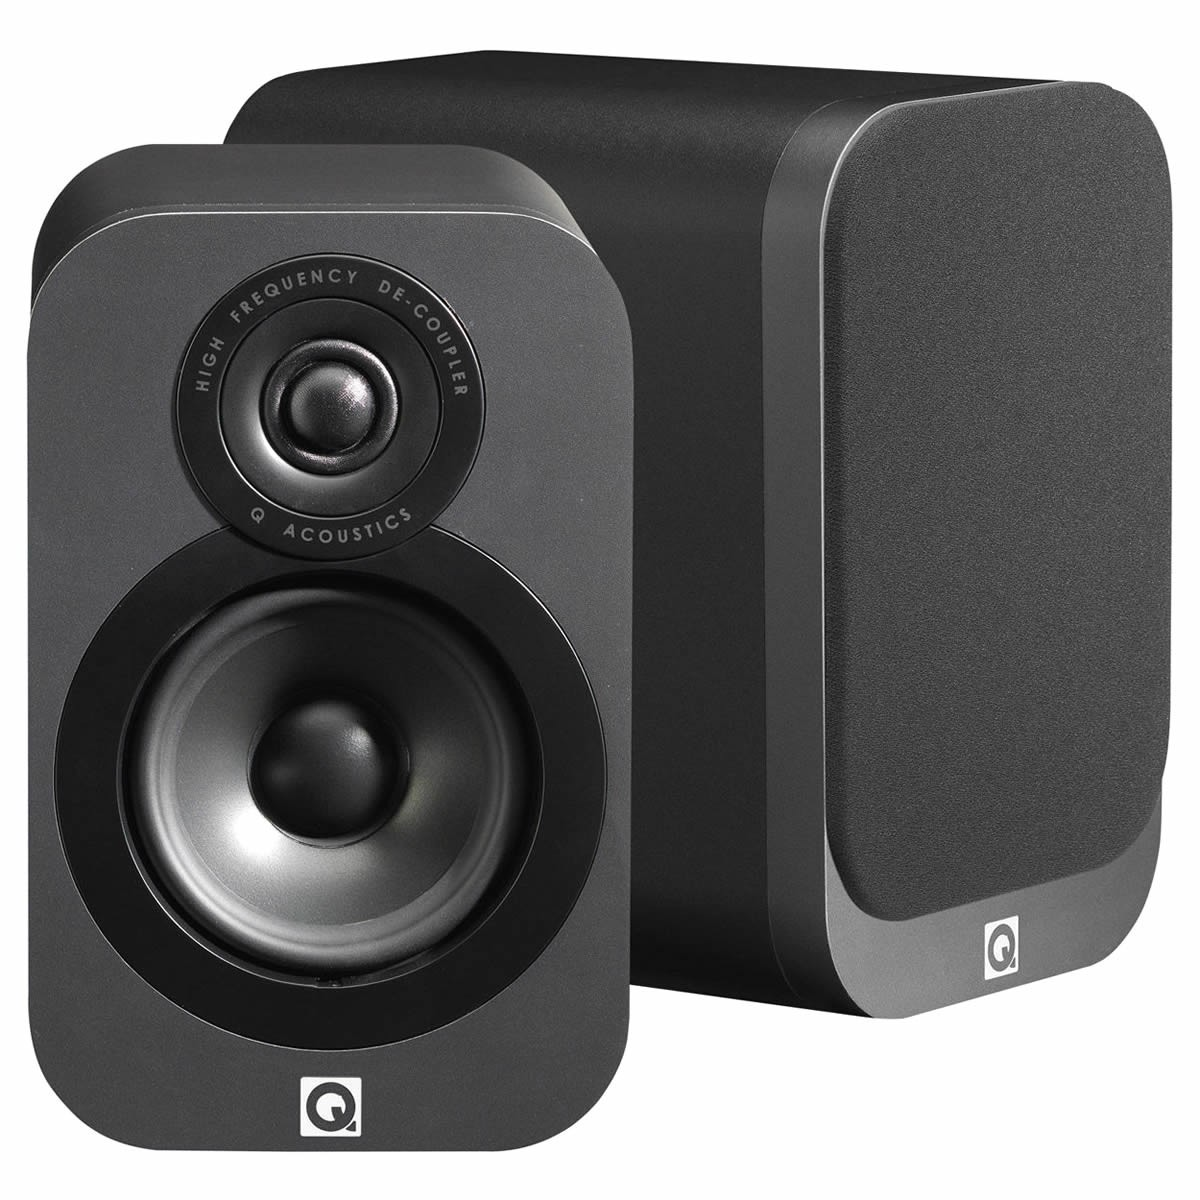 Q acoustics 3010 Bookshelf Speakers Graphite Black (pair)